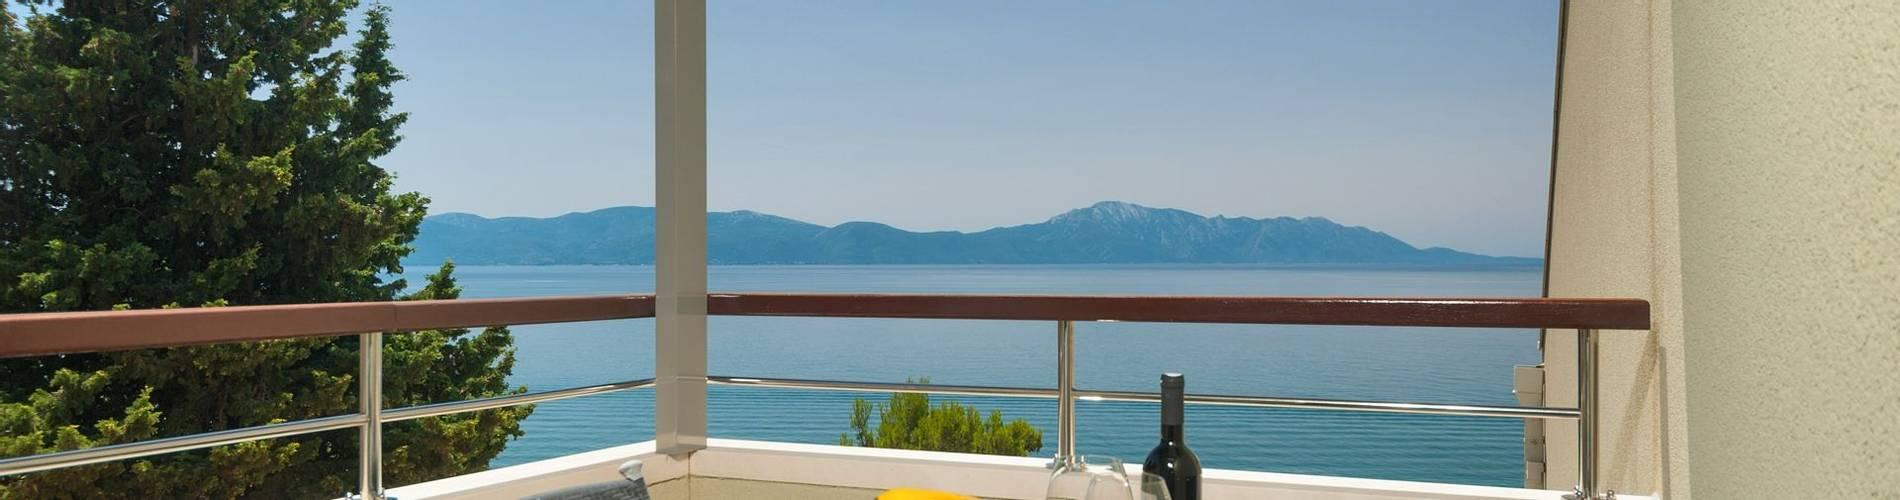 standard room view - ).jpg